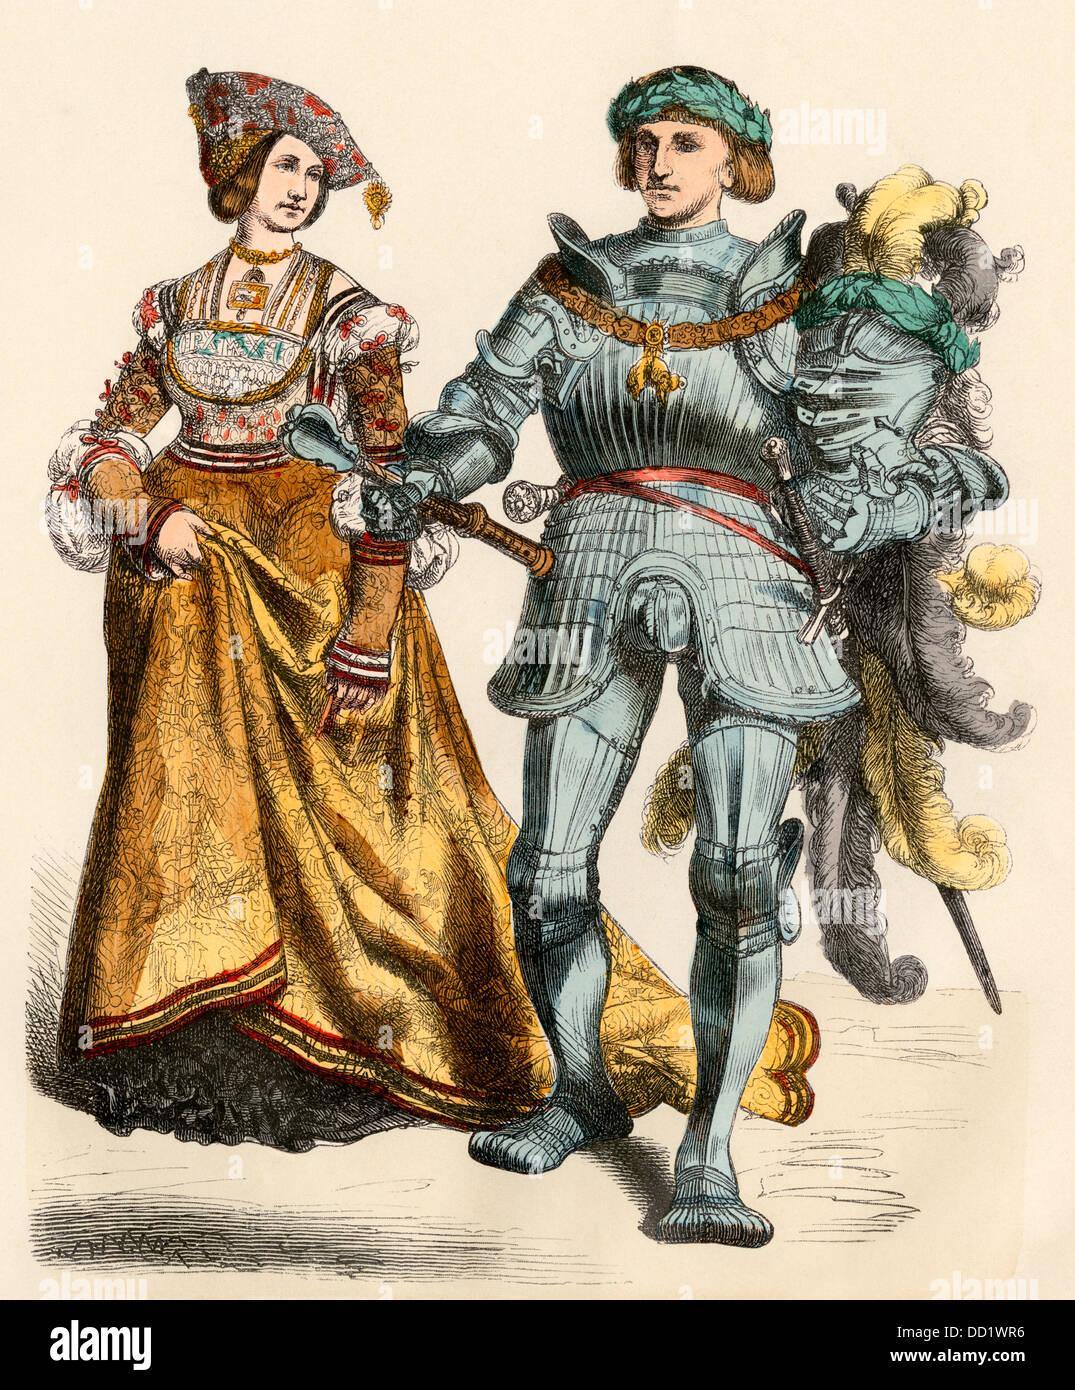 German prince and princess, 1500s. Hand-colored print - Stock Image